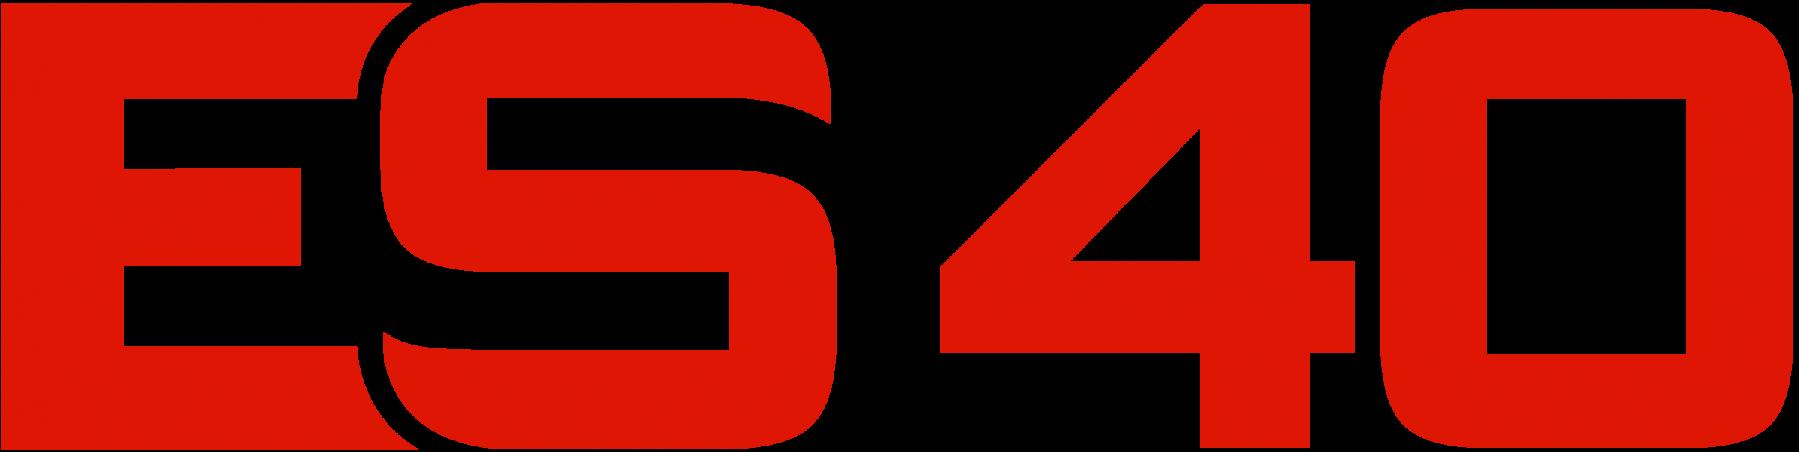 ES40 logo